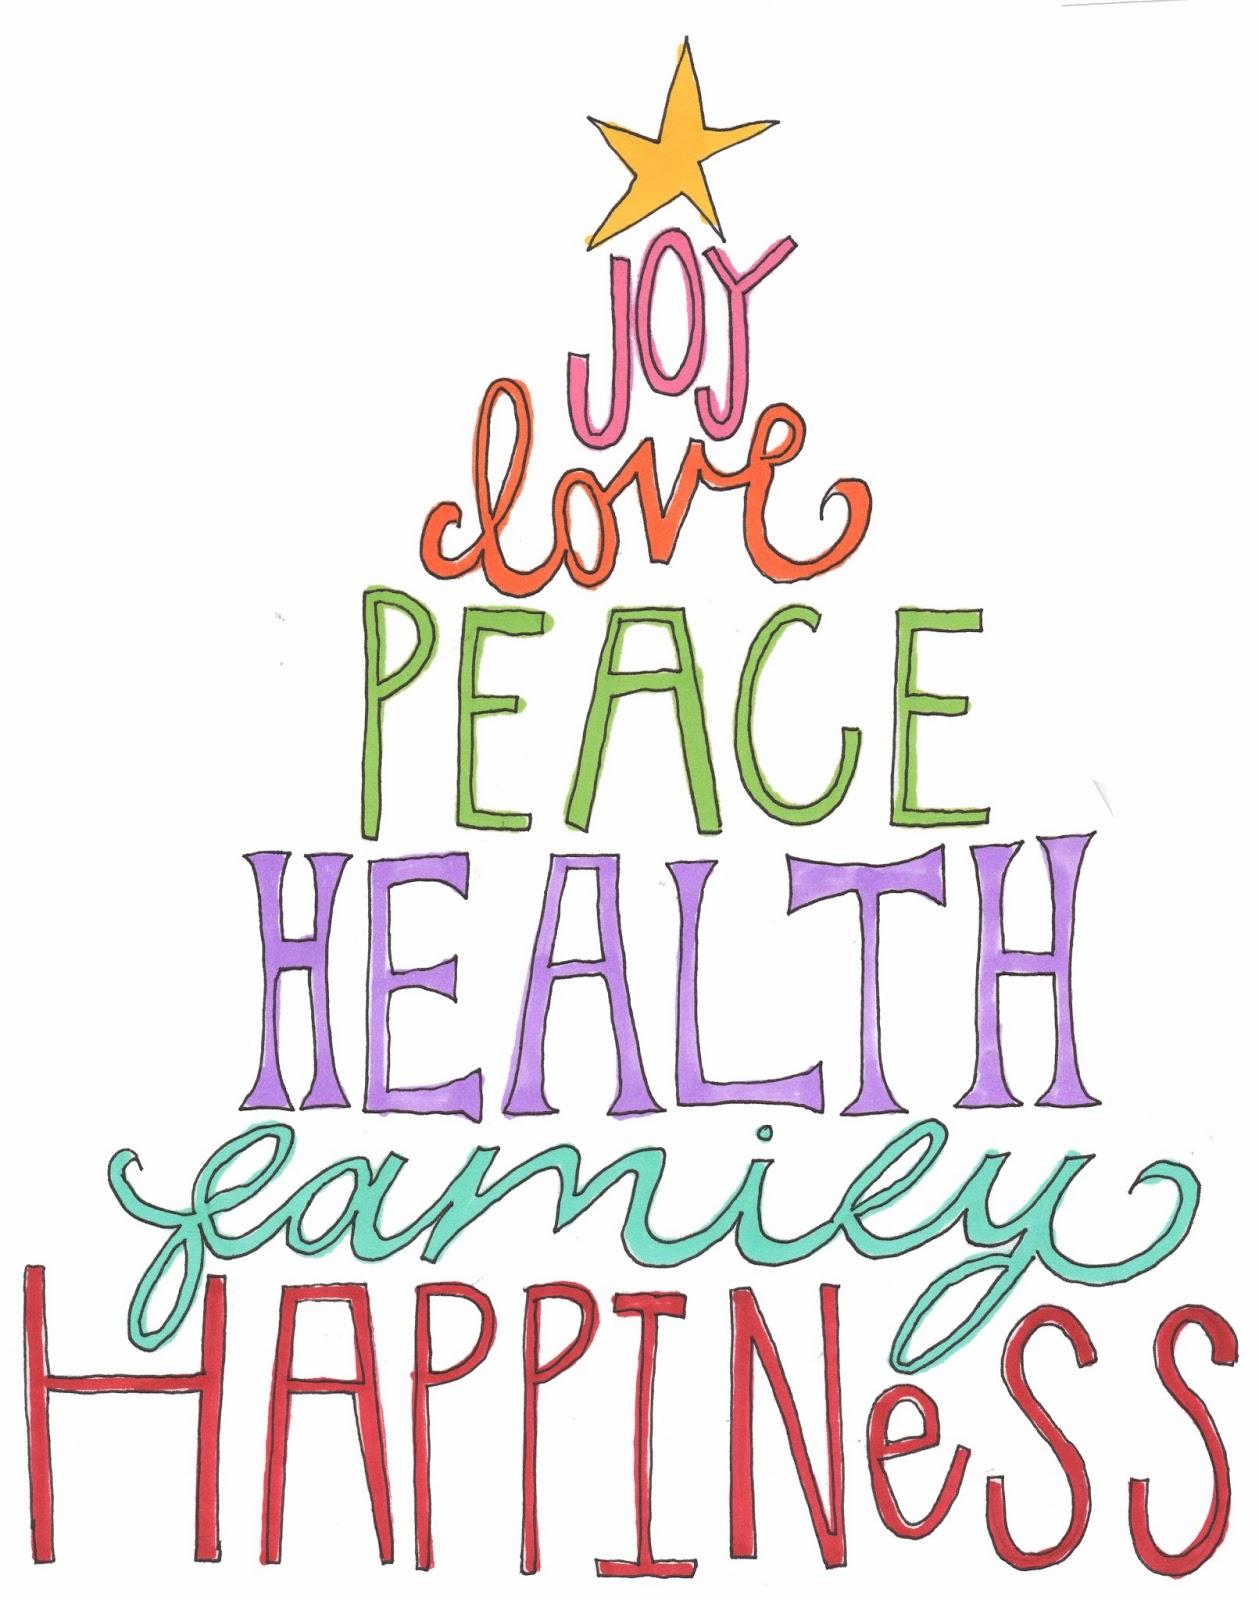 dizzy daisies: joy, love, peace, health, family, happiness